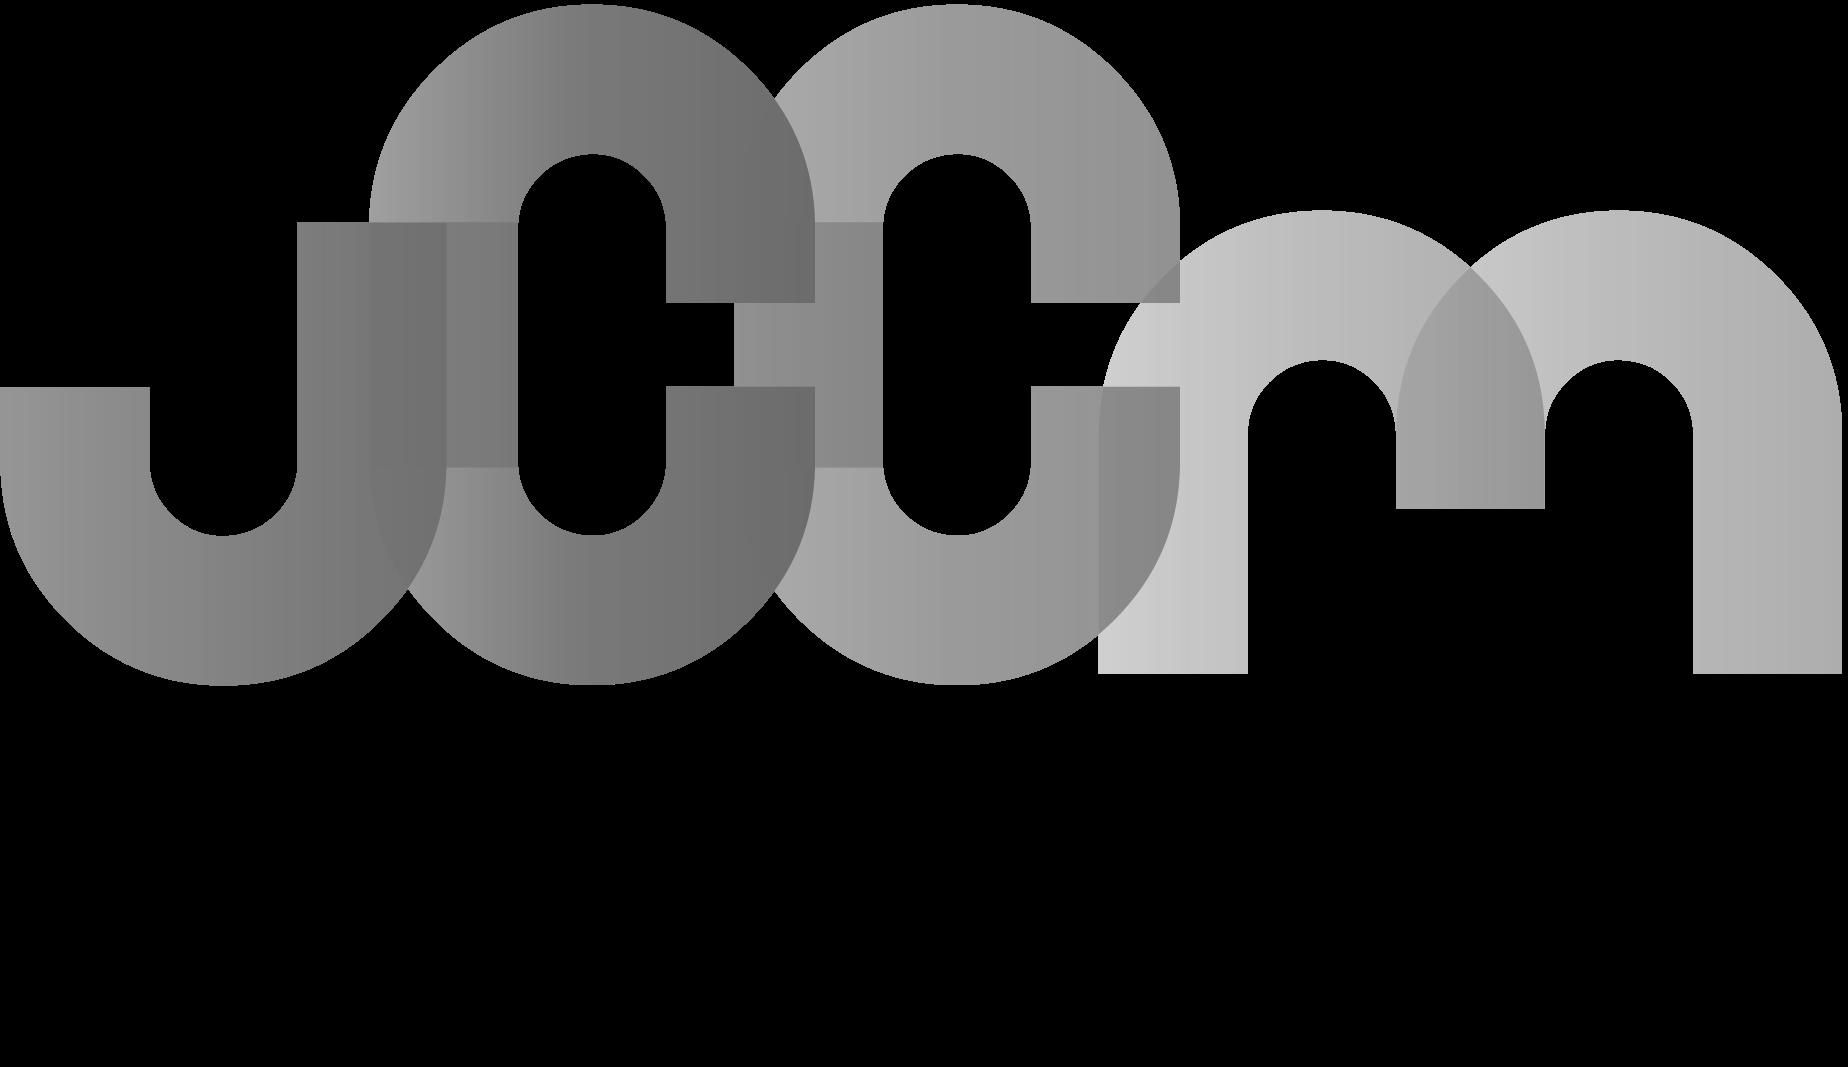 jccm-large-color copy.png